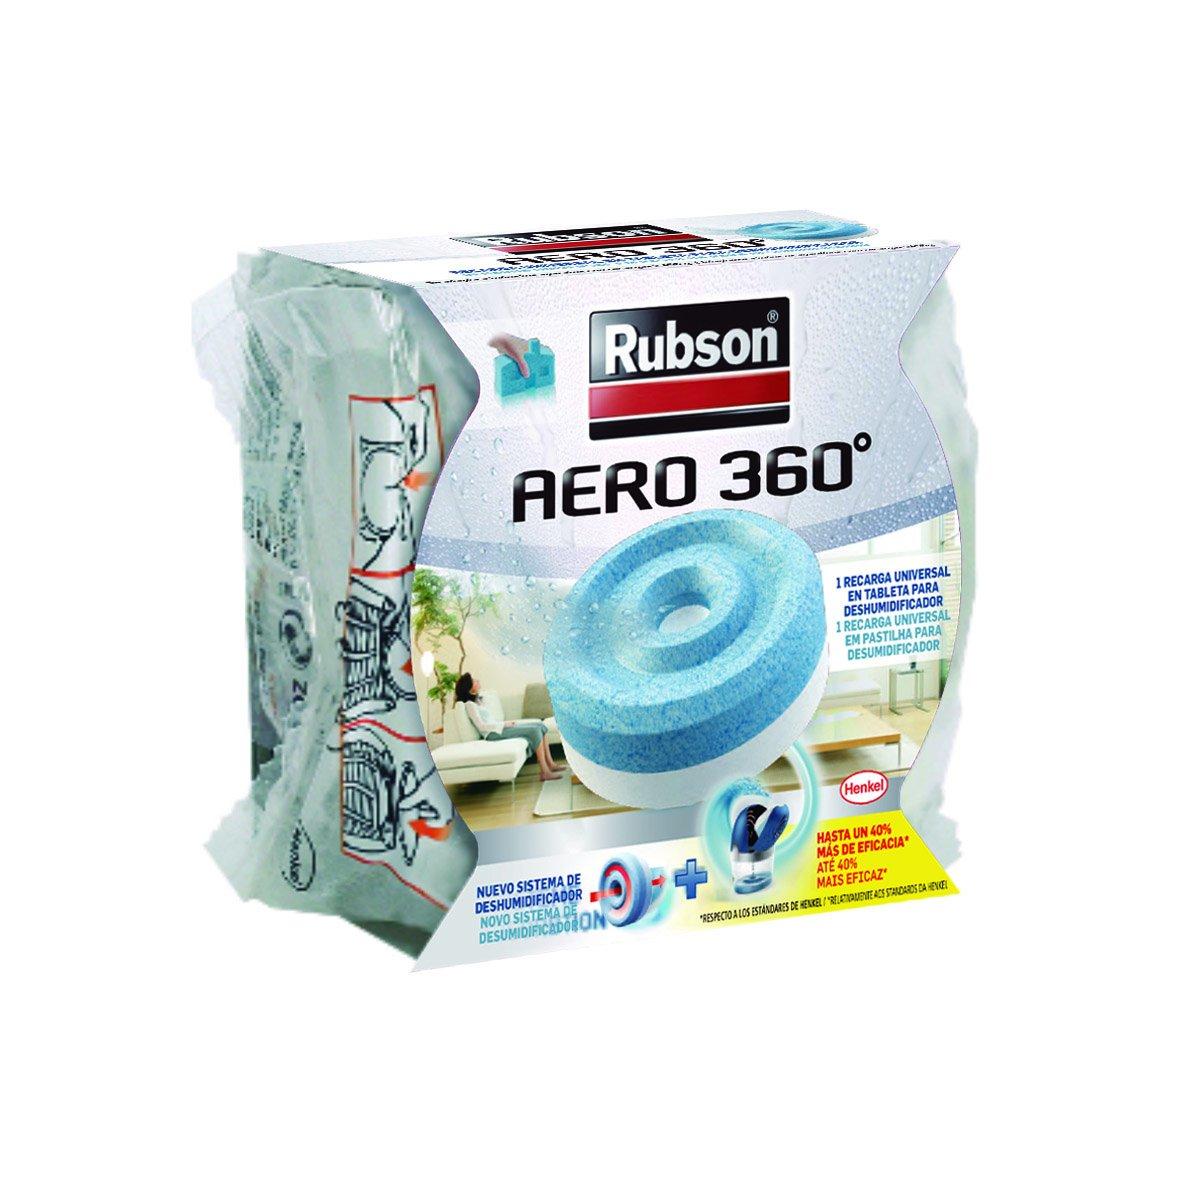 Rubson Recambio para deshumidificador Aero color azul claro y blanco